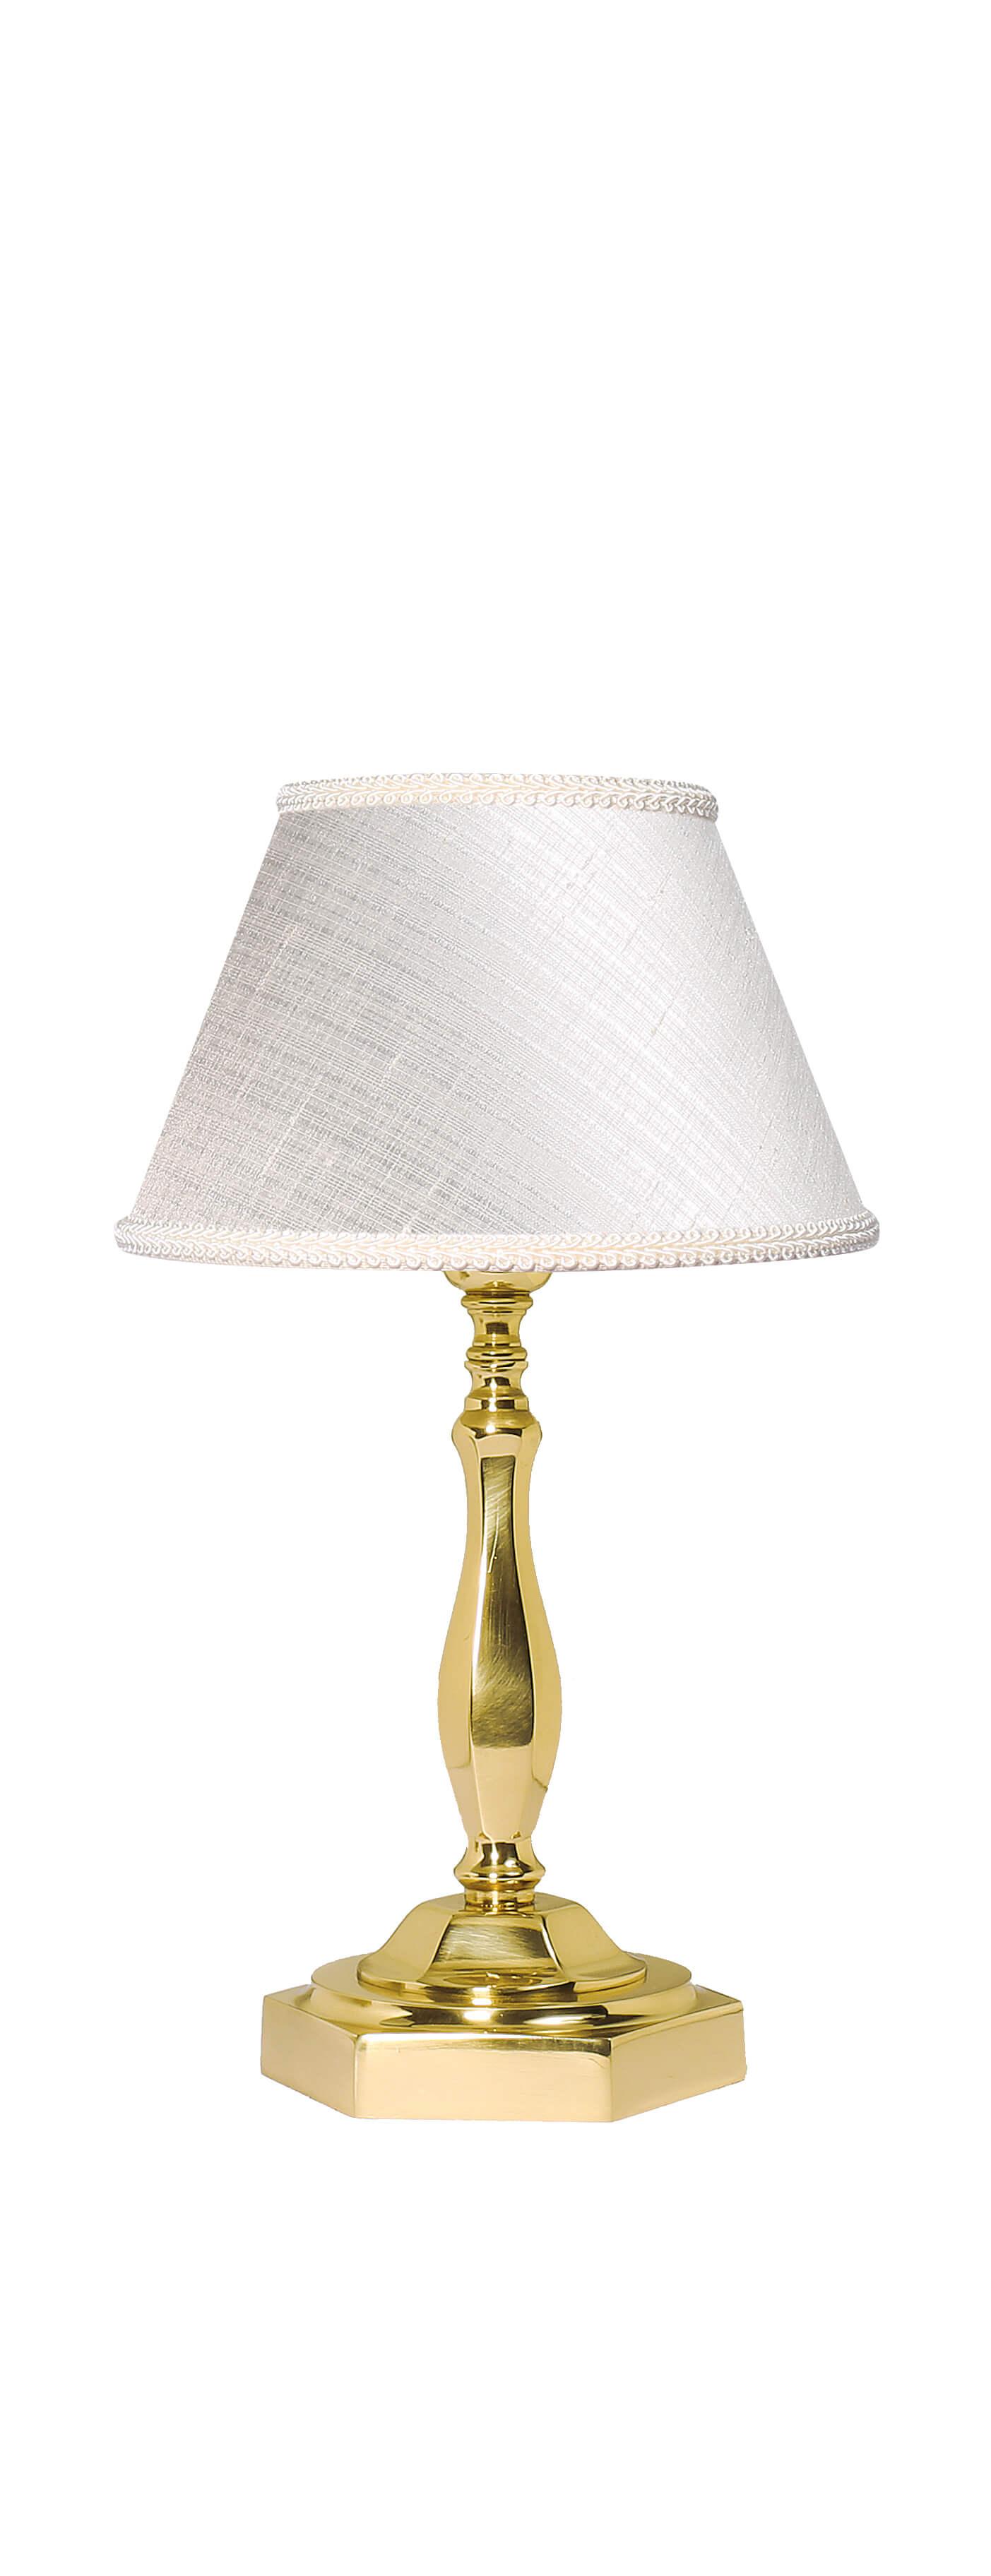 Klassische Tischleuchte Nachttischlampe E14 Abat